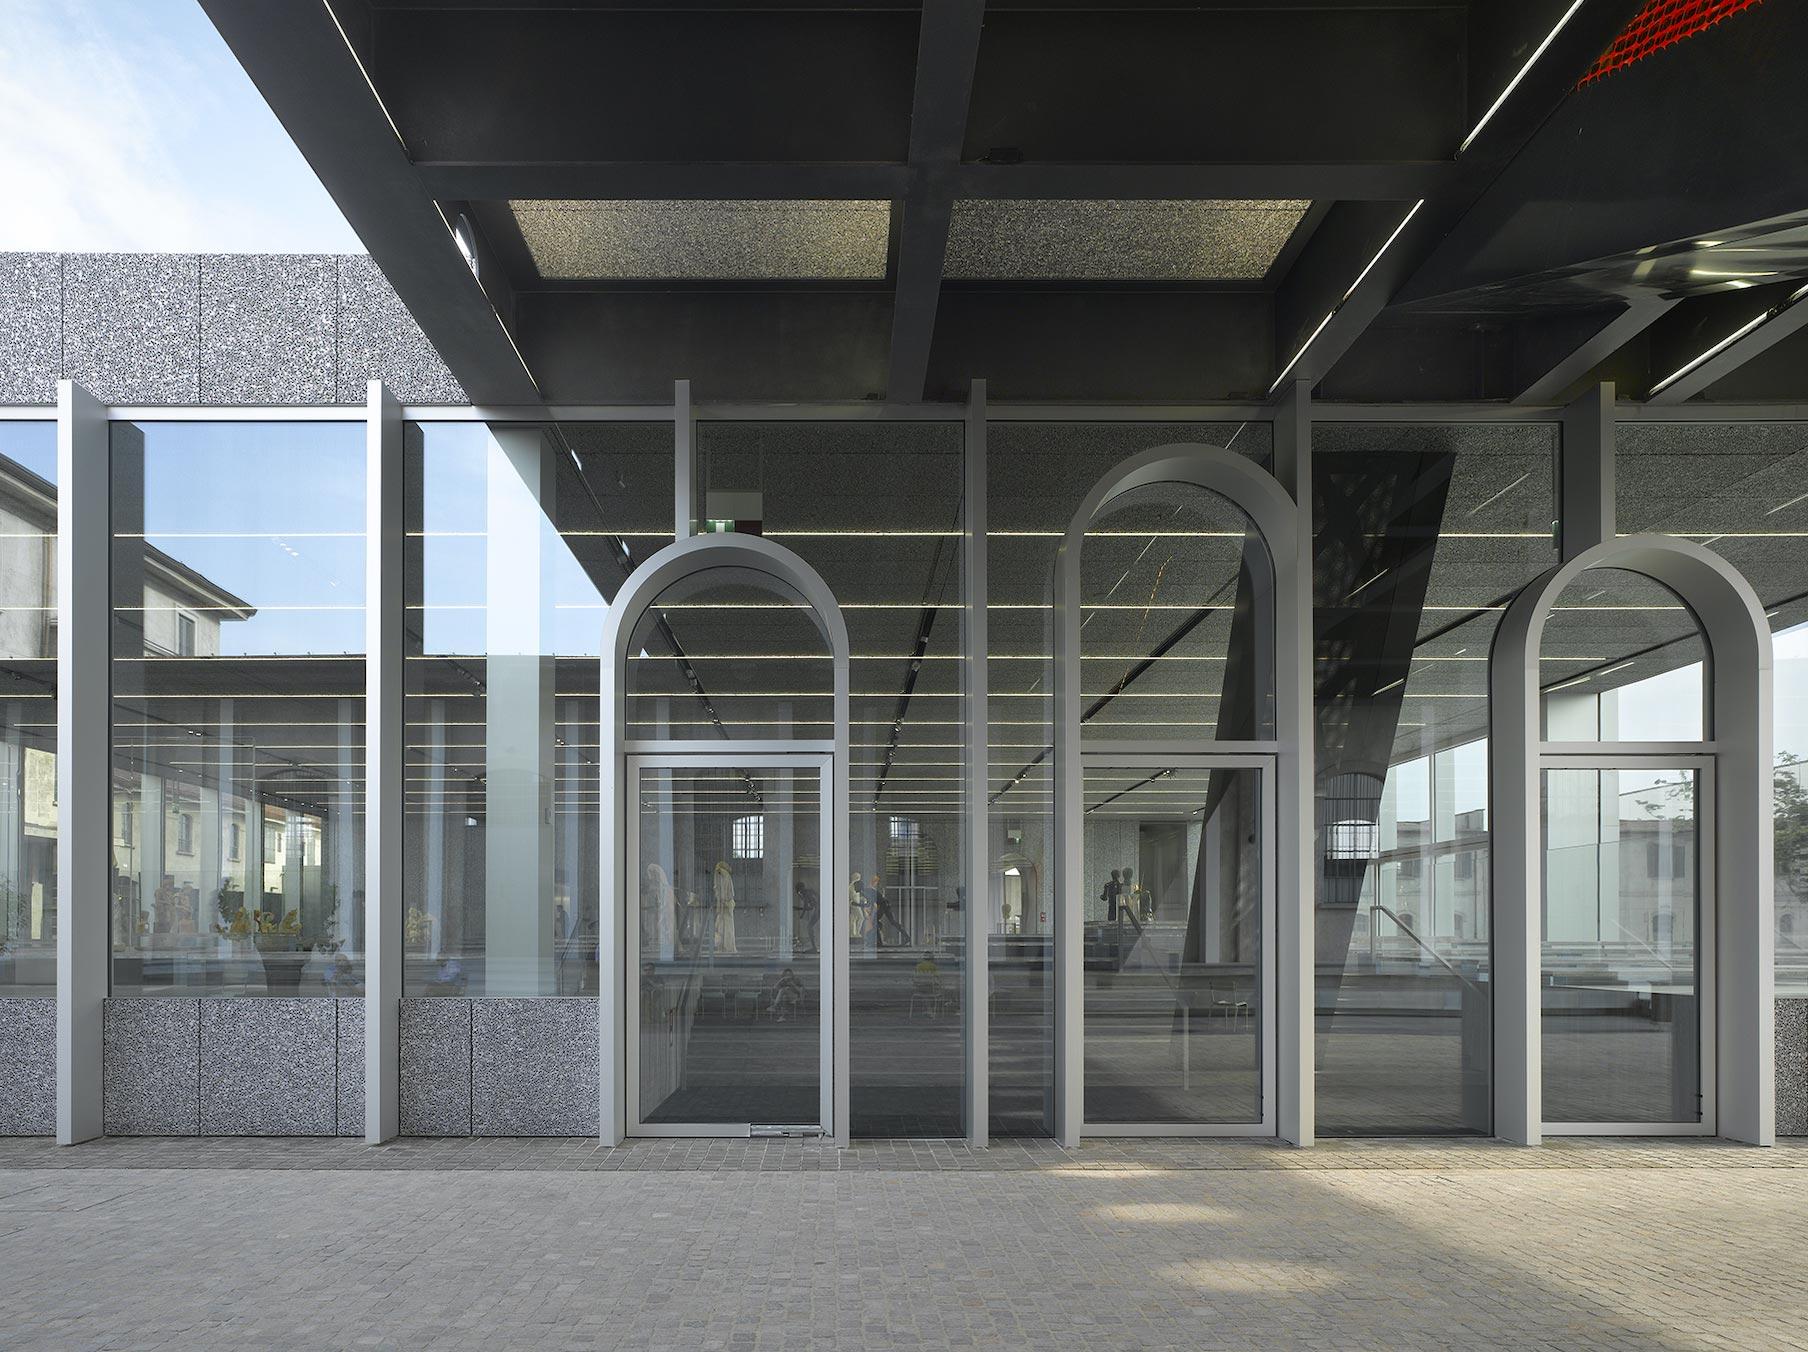 Archi Fondazione Prada